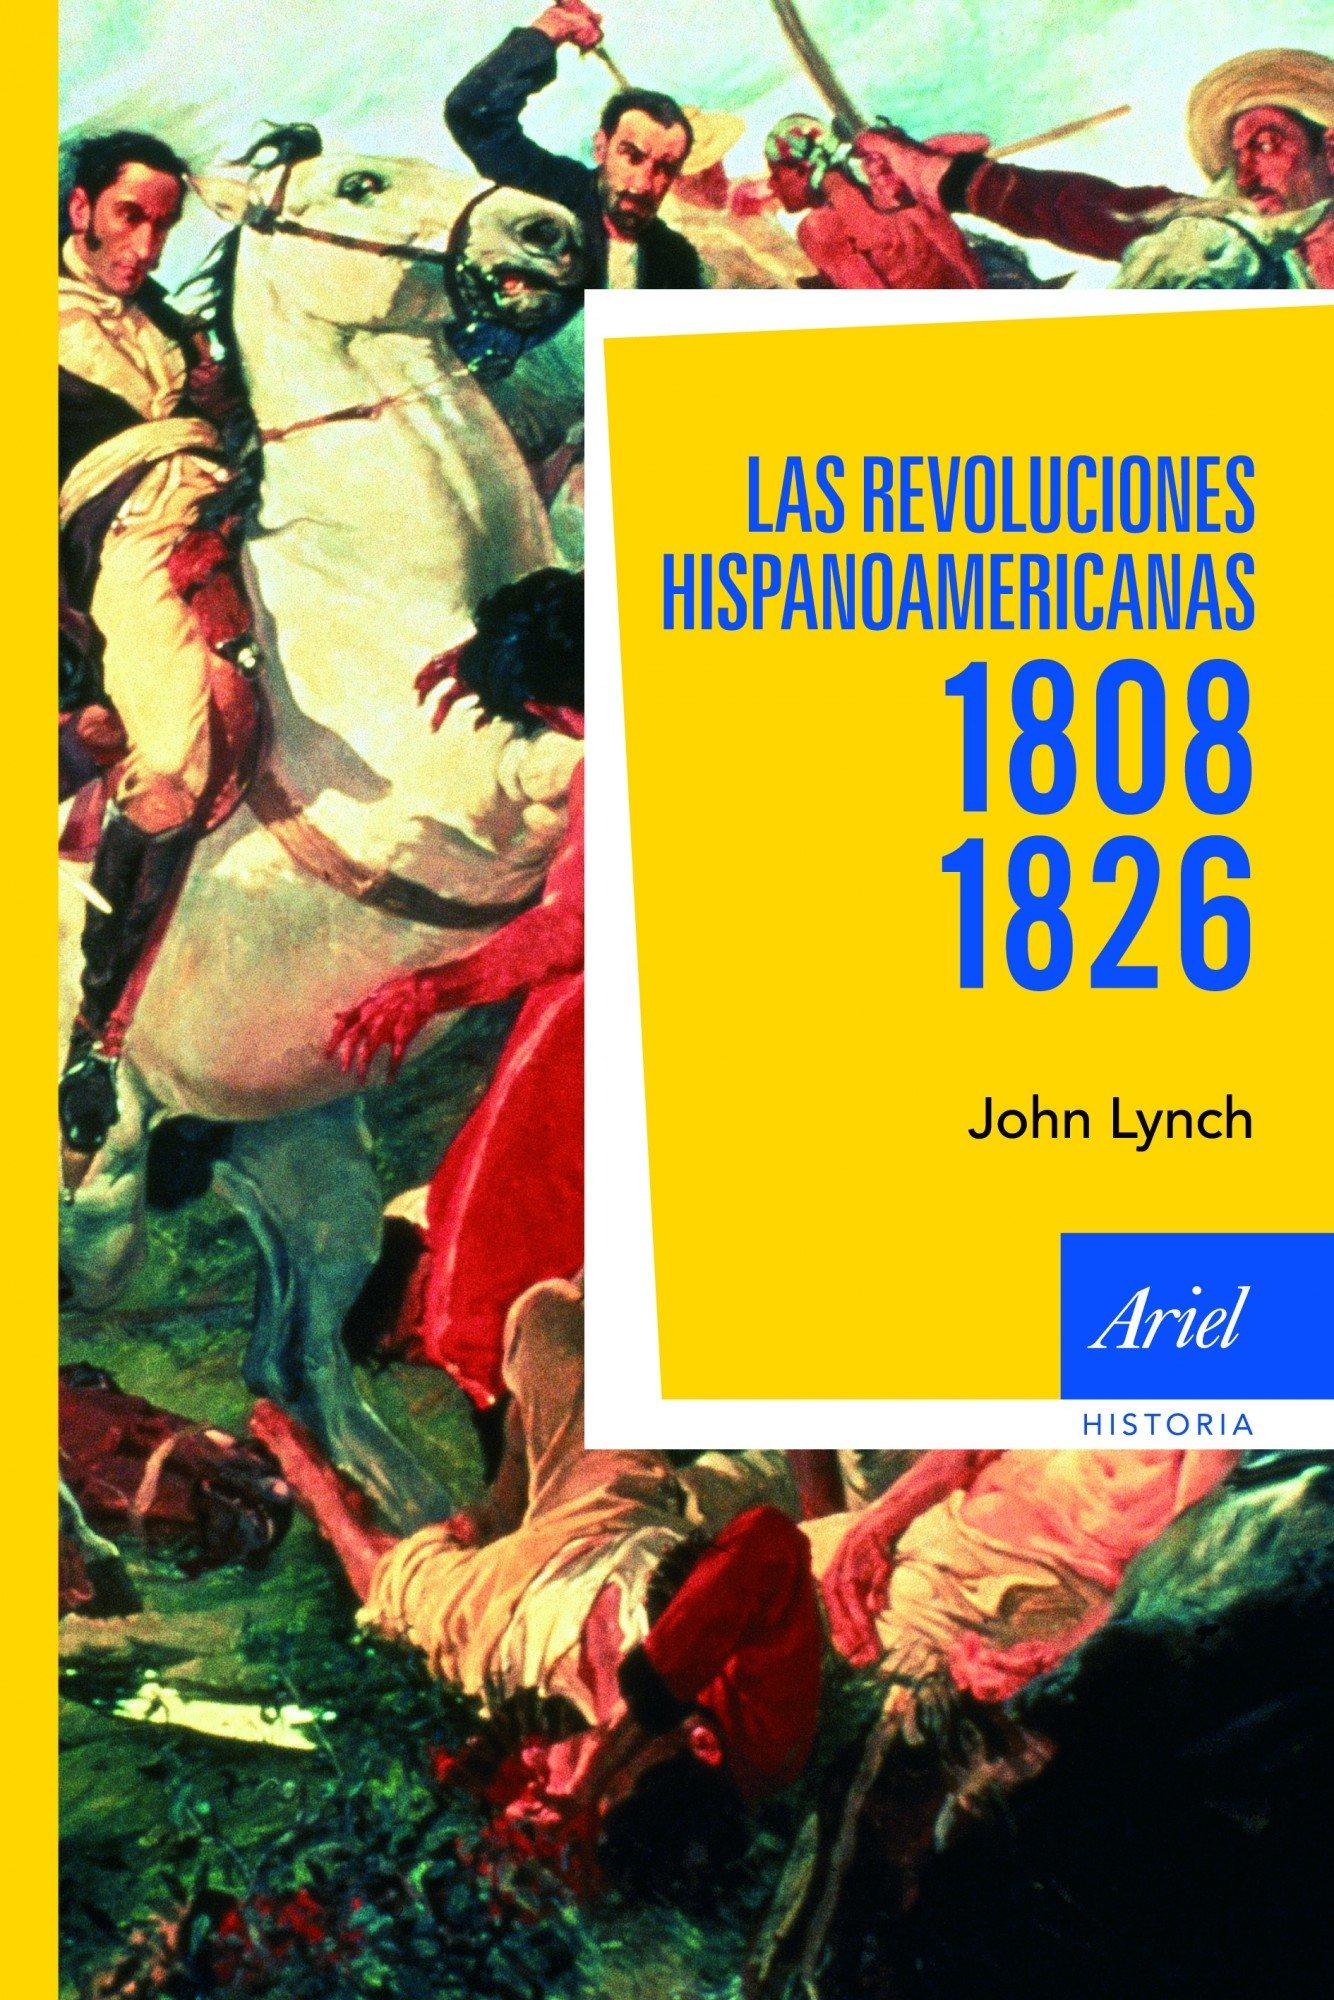 Las revoluciones hispanoamericanas 1808-1826 Ariel Historia: Amazon.es: Lynch, John, Alfaya, Javier, McShane, Barbara: Libros